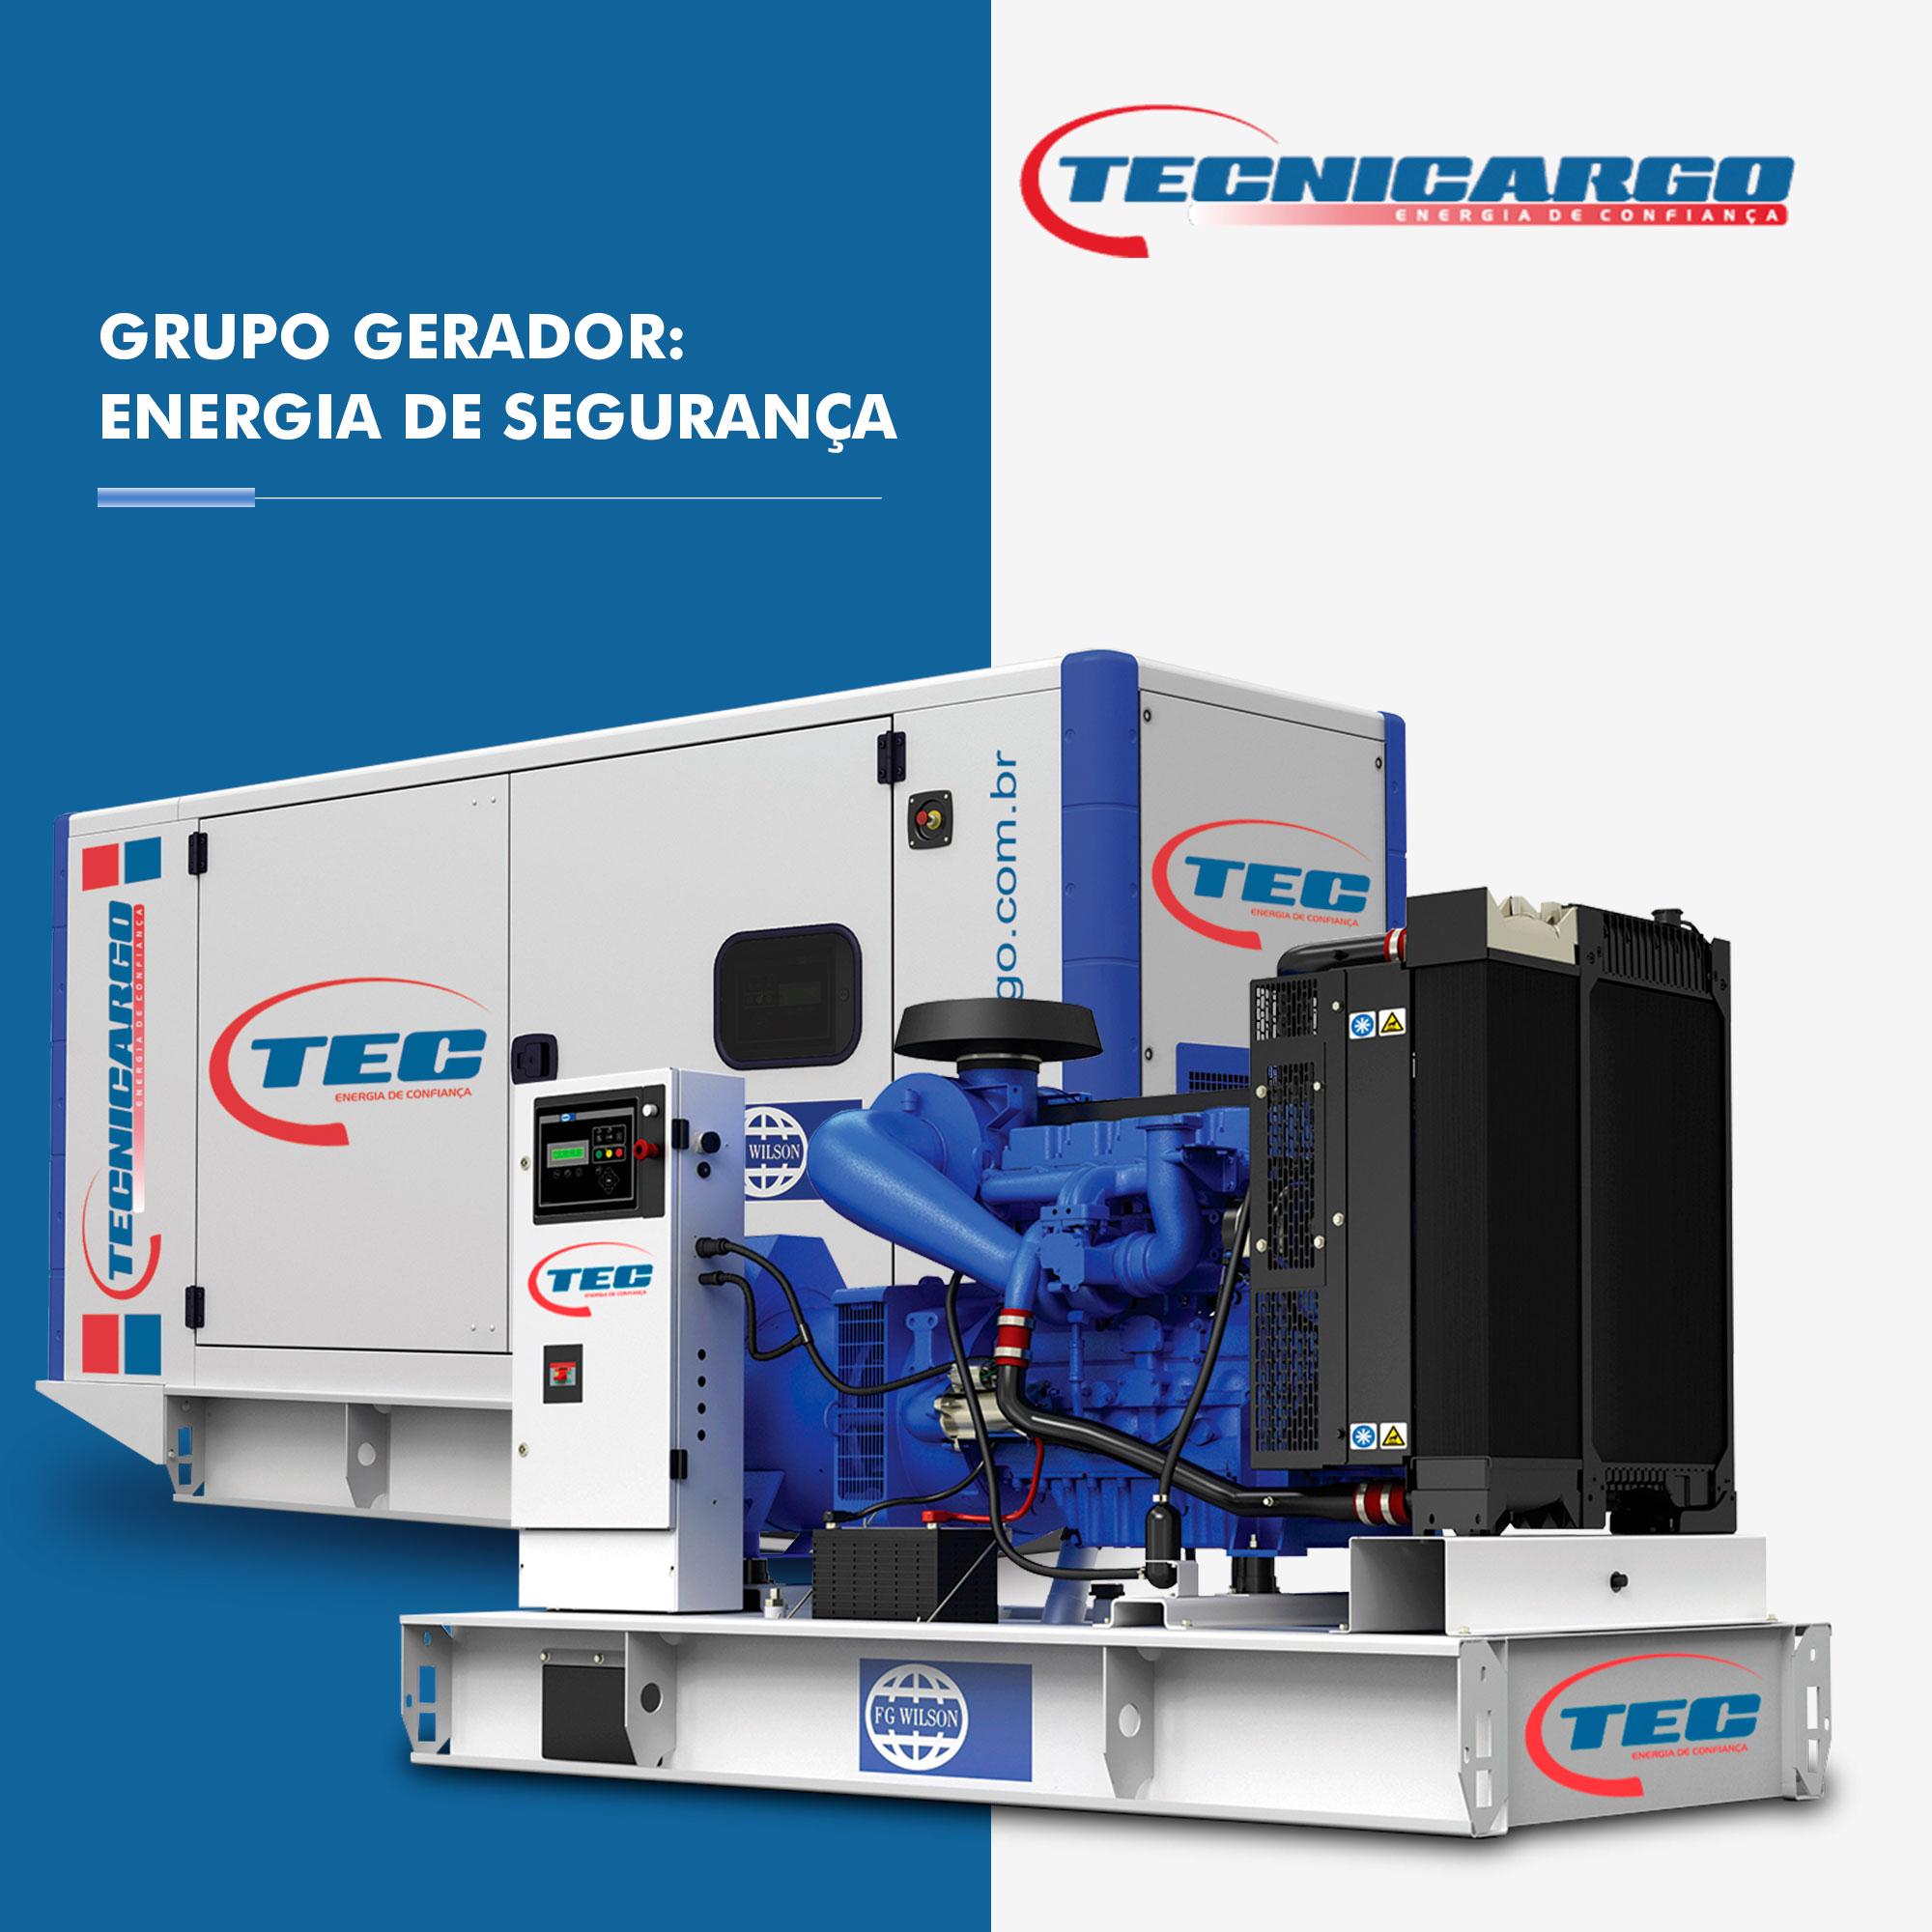 Grupo Gerador: Energia de Segurança